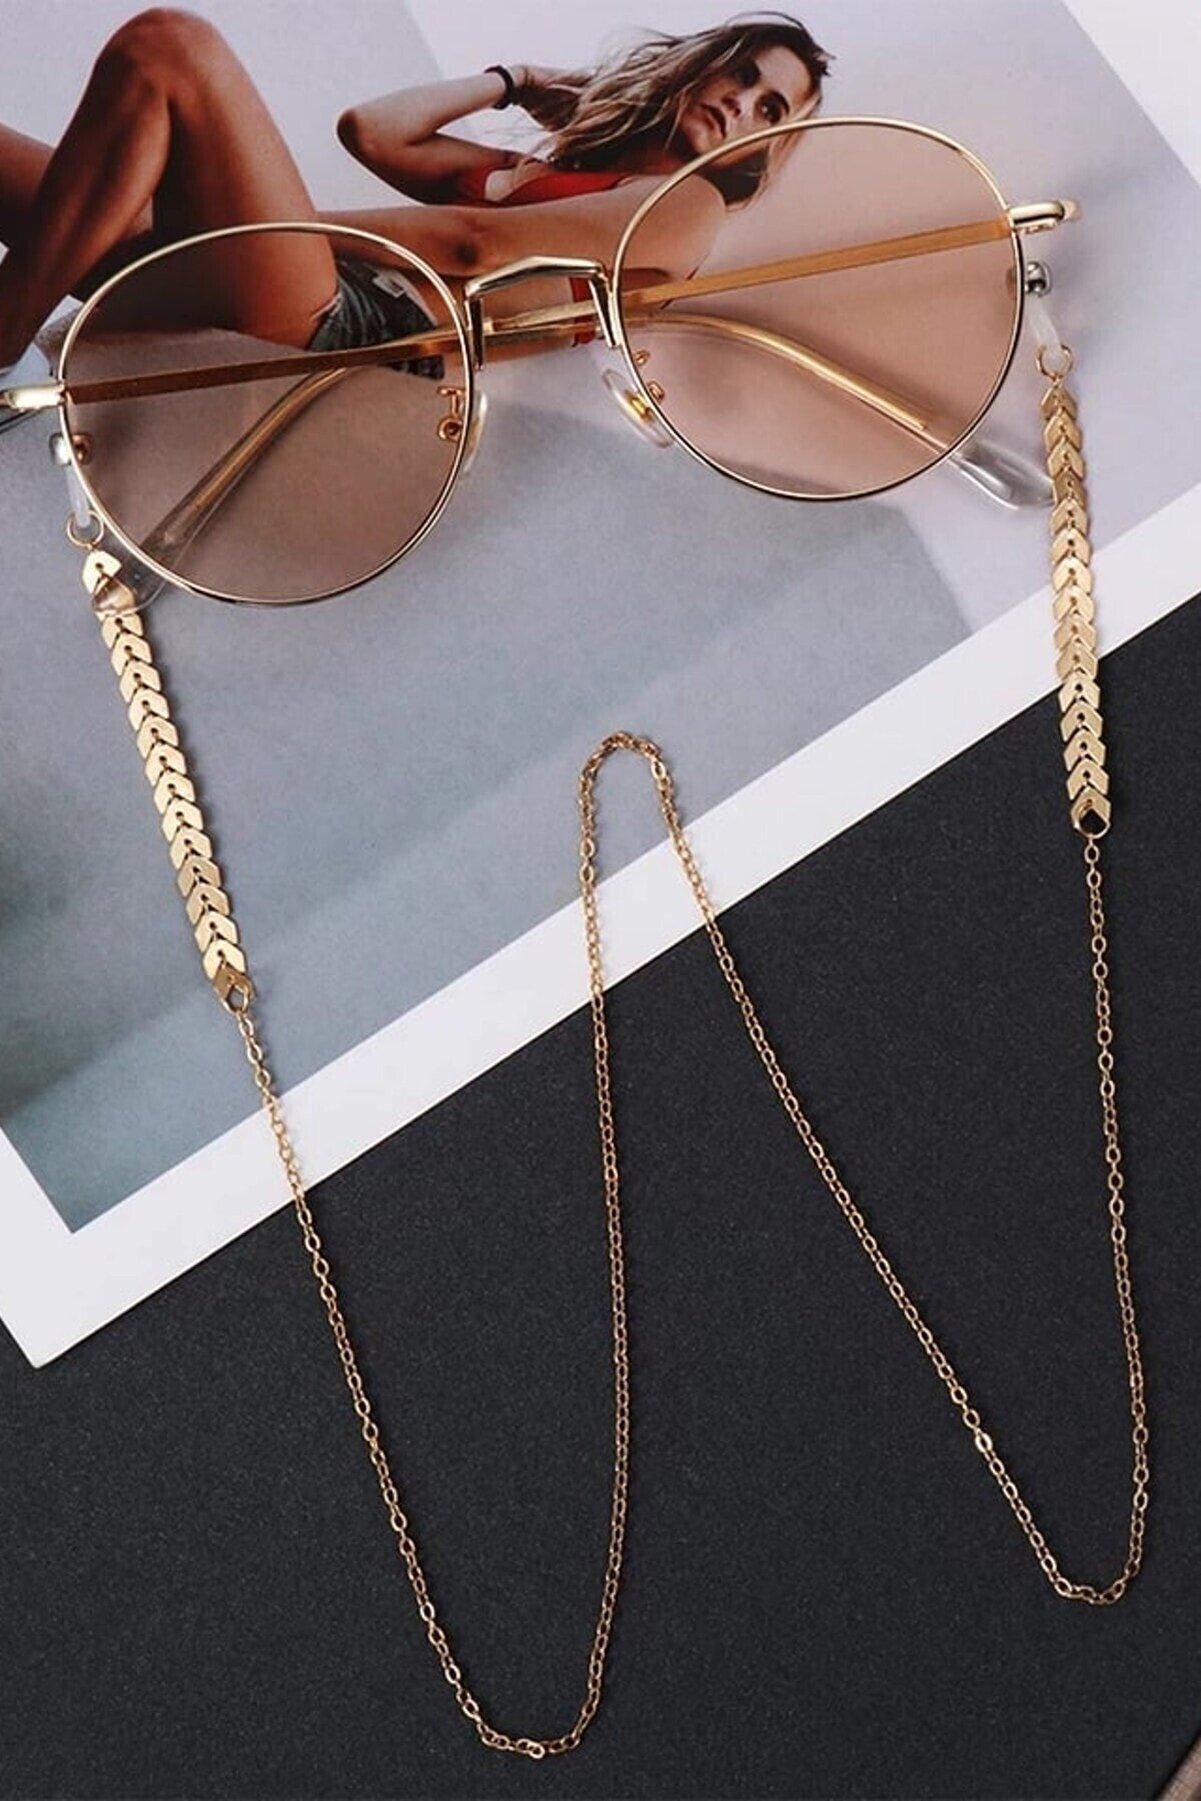 ESUSO Gold Kaplama Kadın Gözlük Zinciri Tutucu 75 Cm